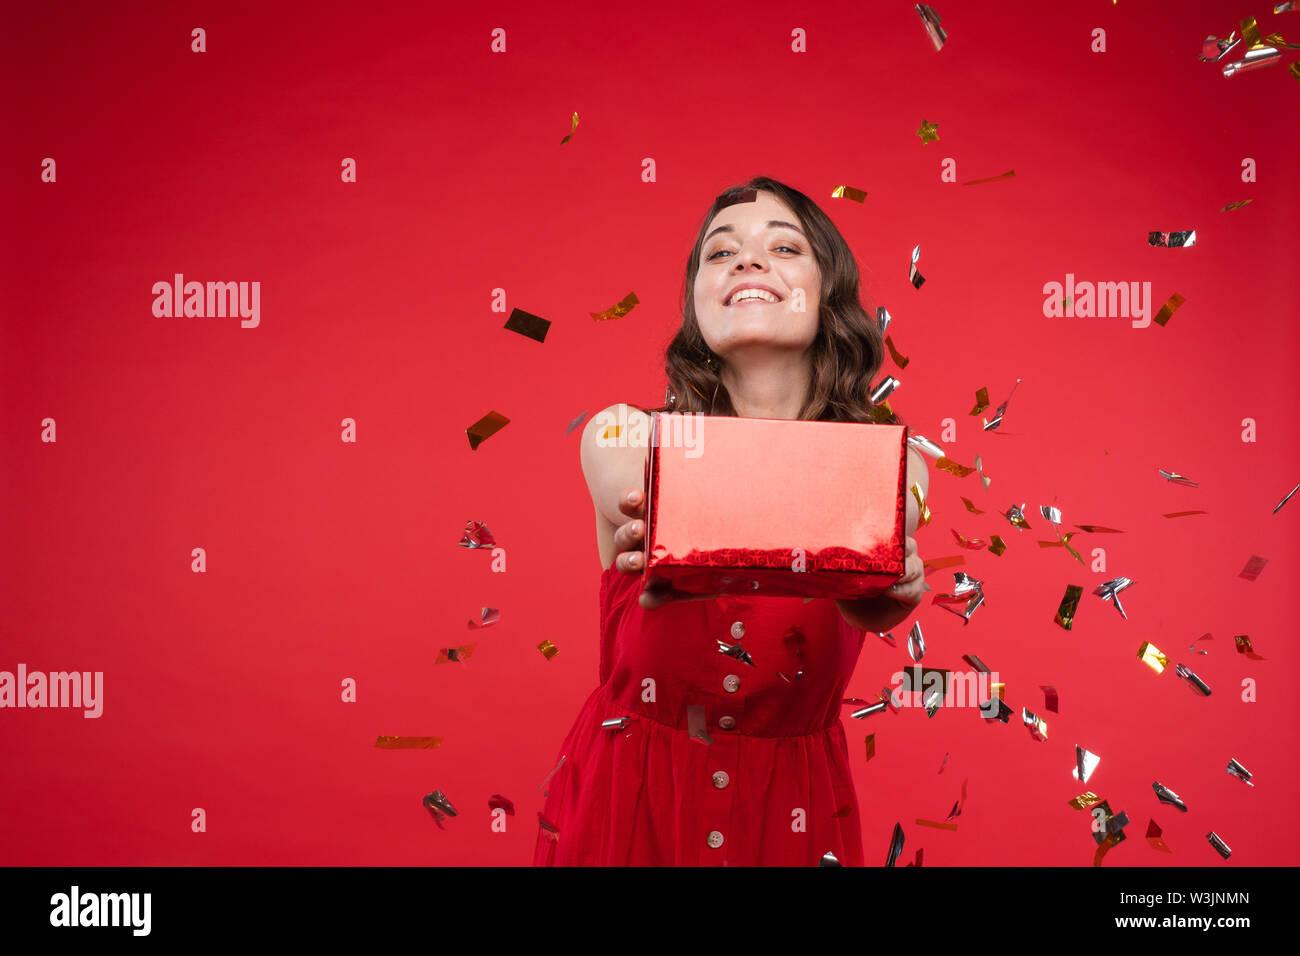 Wunderschöne brünette Mädchen im roten Kleid in Konfetti. Stockbild